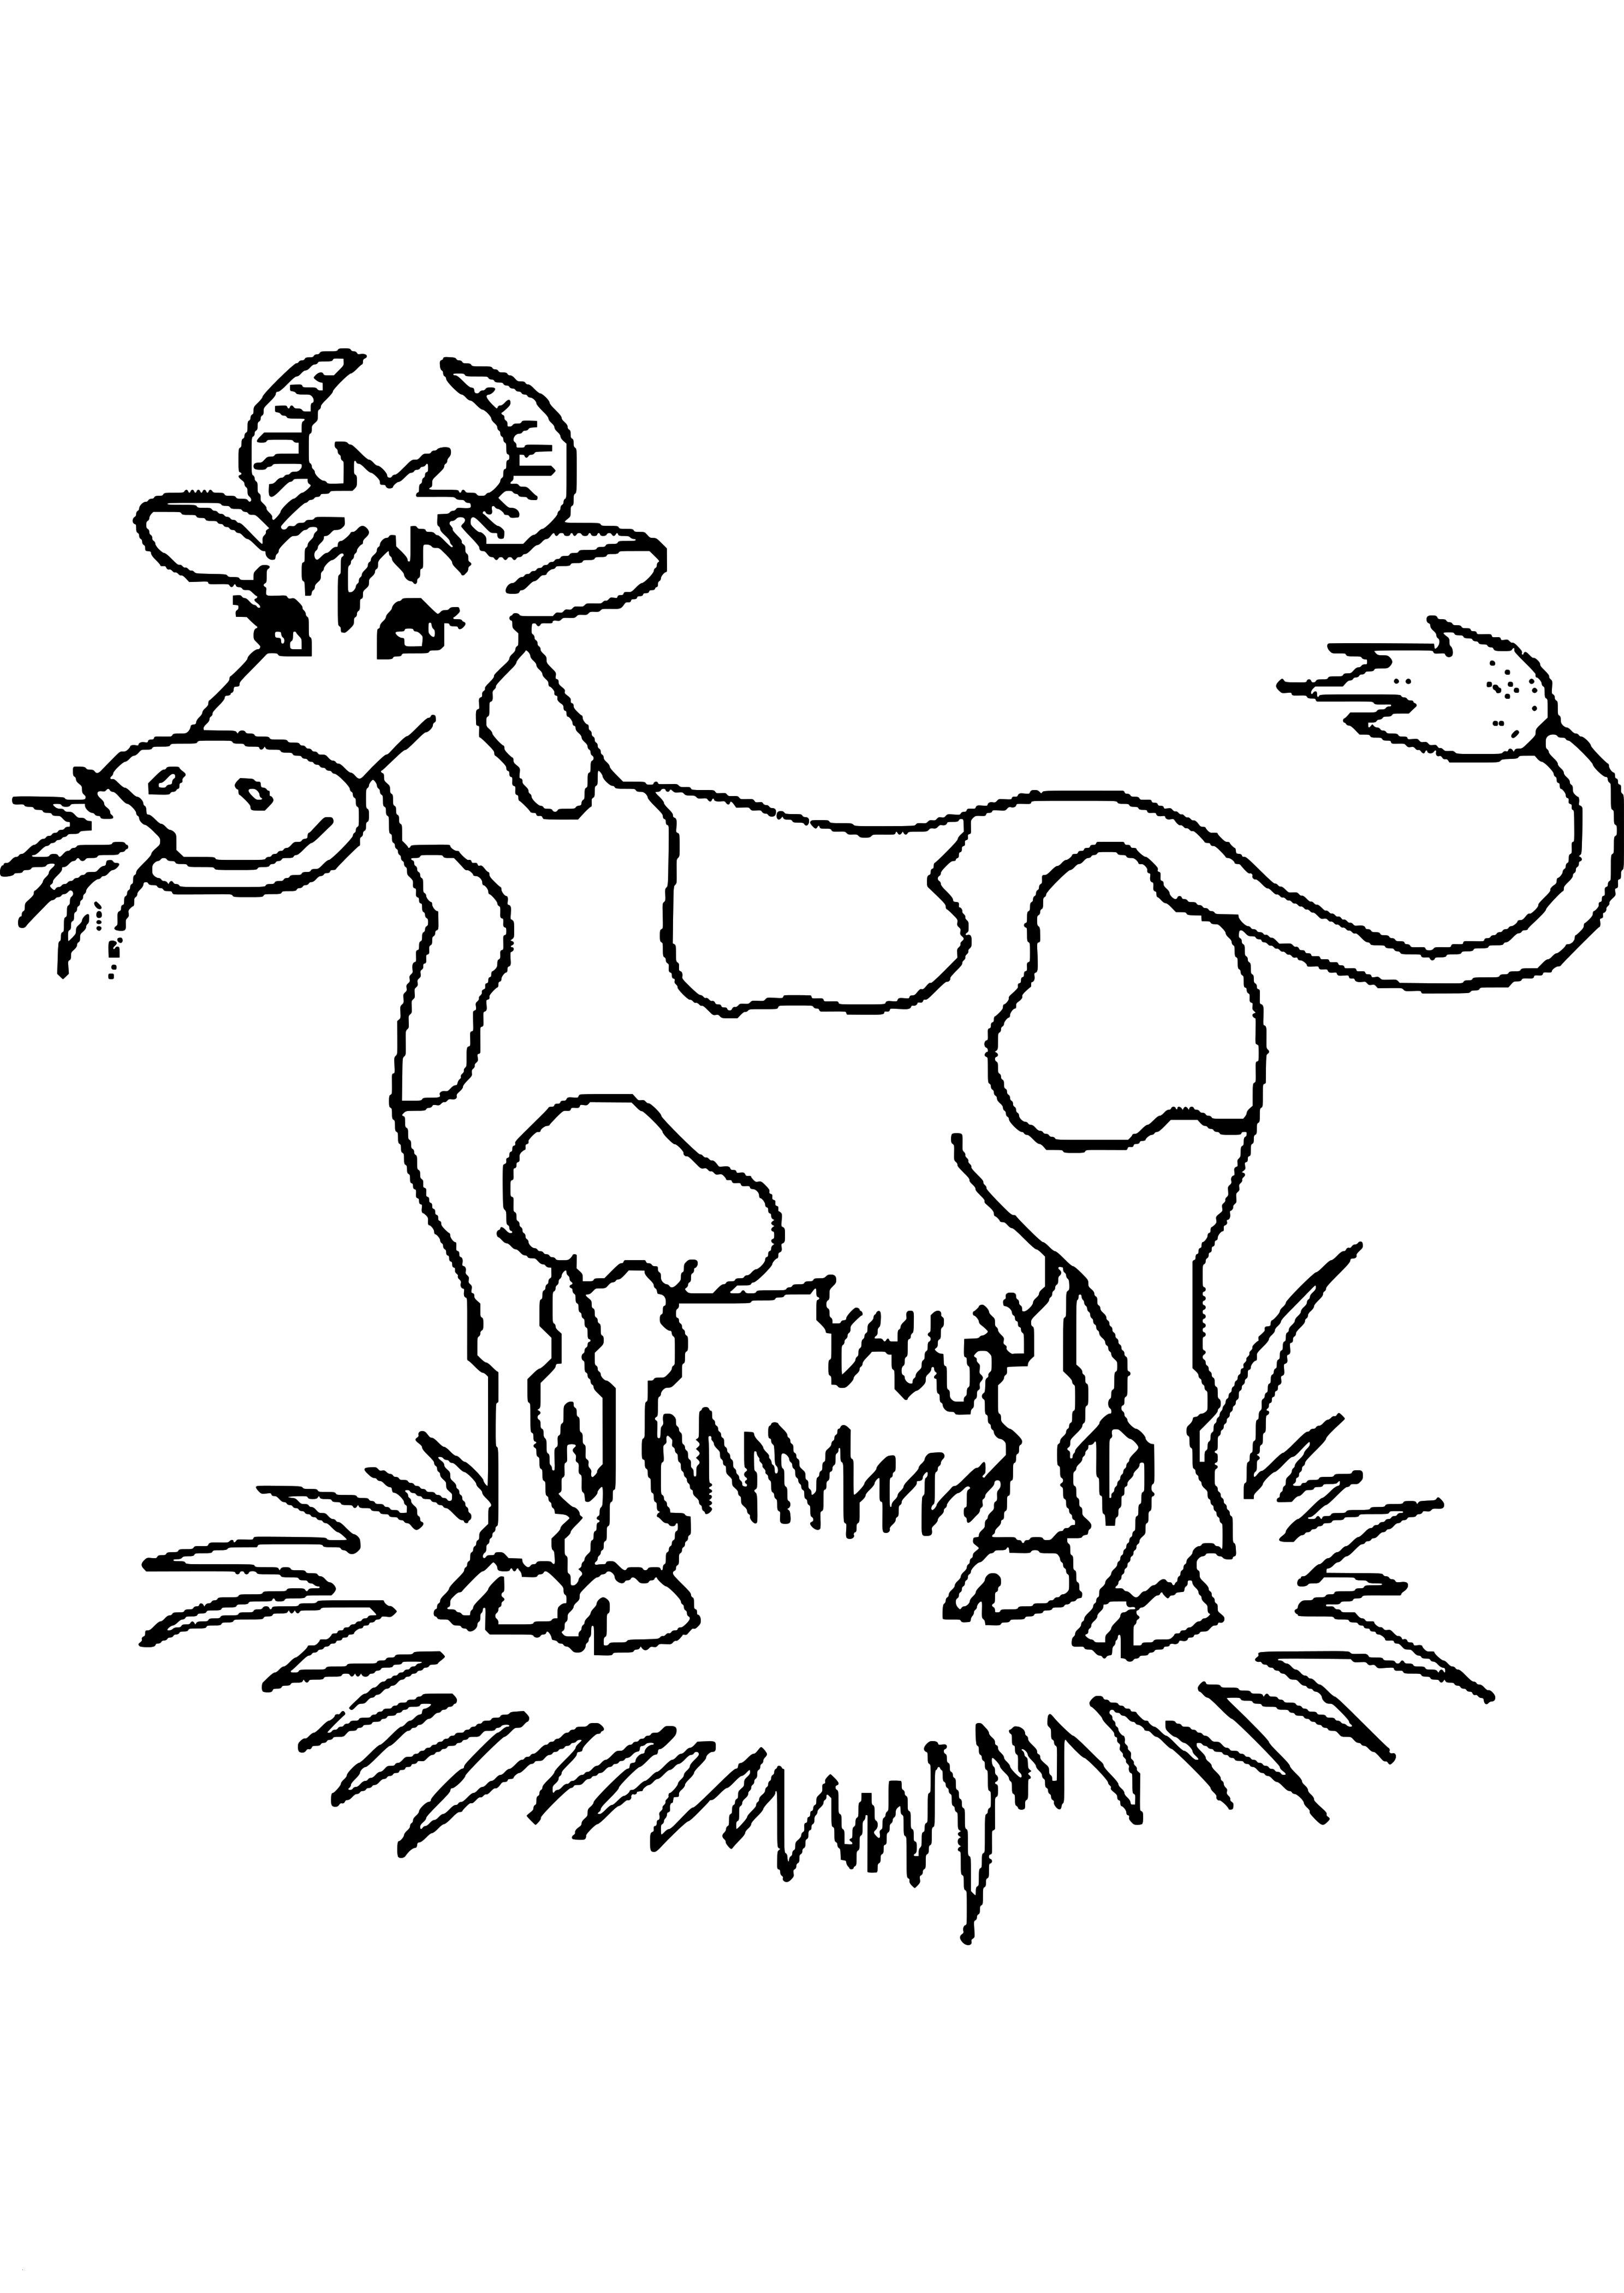 Nashorn Zum Ausmalen Neu Malvorlagen Kuh Schön Malvorlagen Tiere Kuh Zum Drucken Neu Galerie